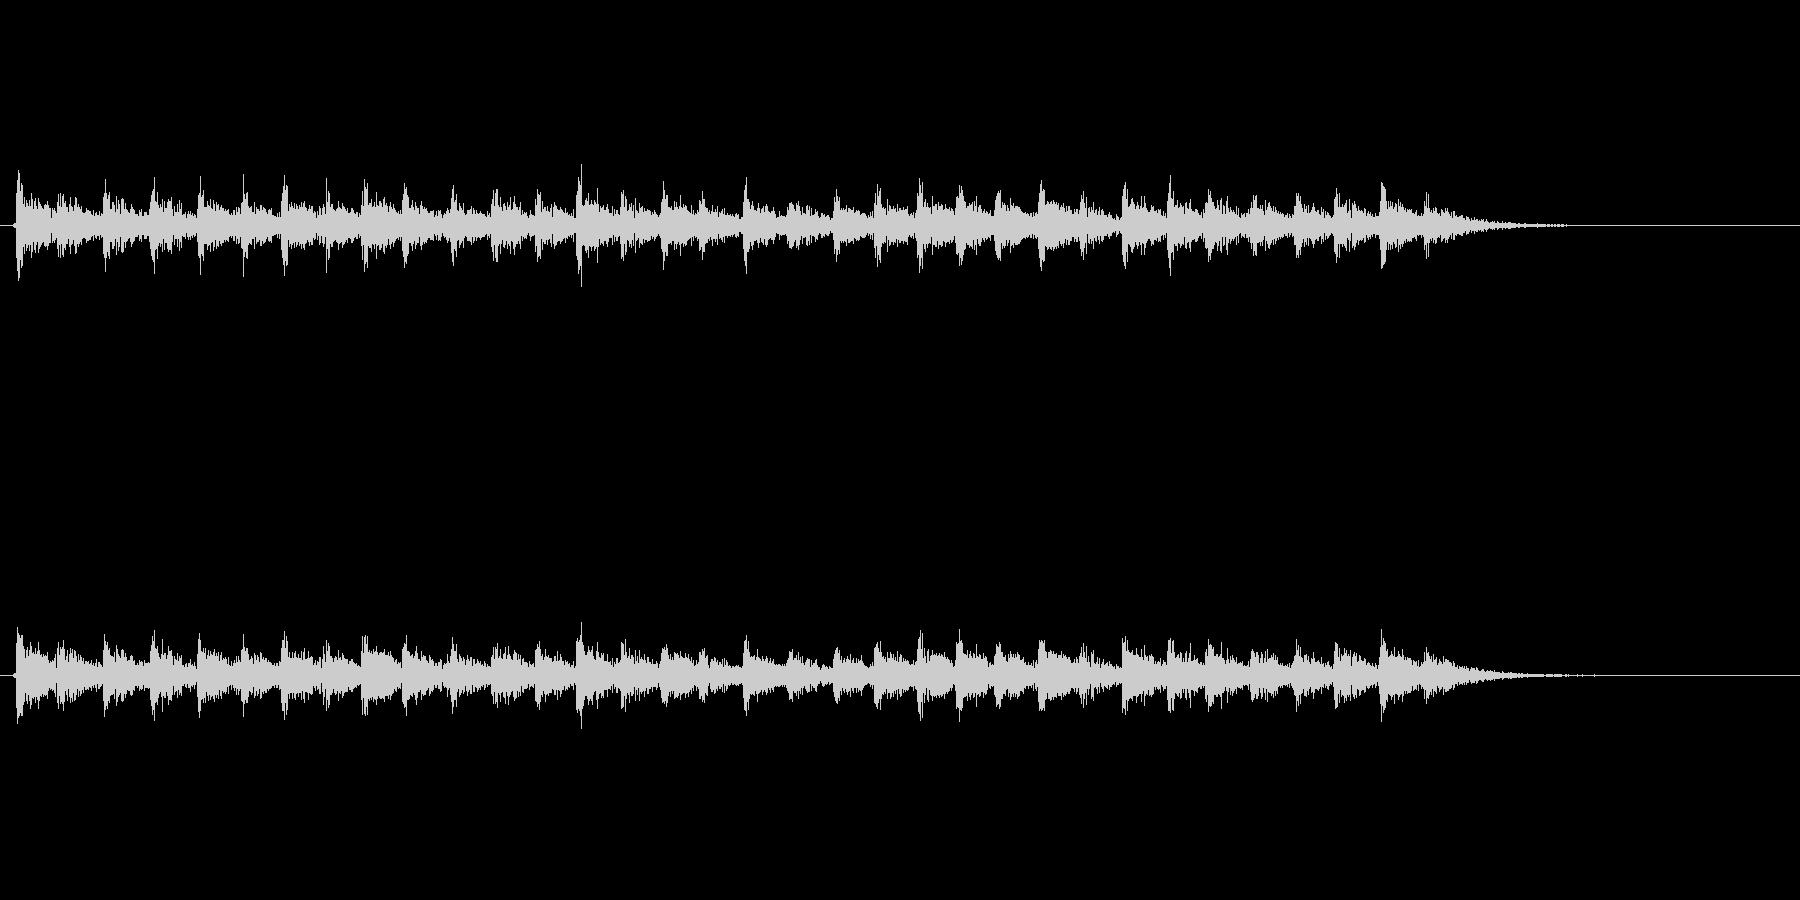 【足音03-5】の未再生の波形